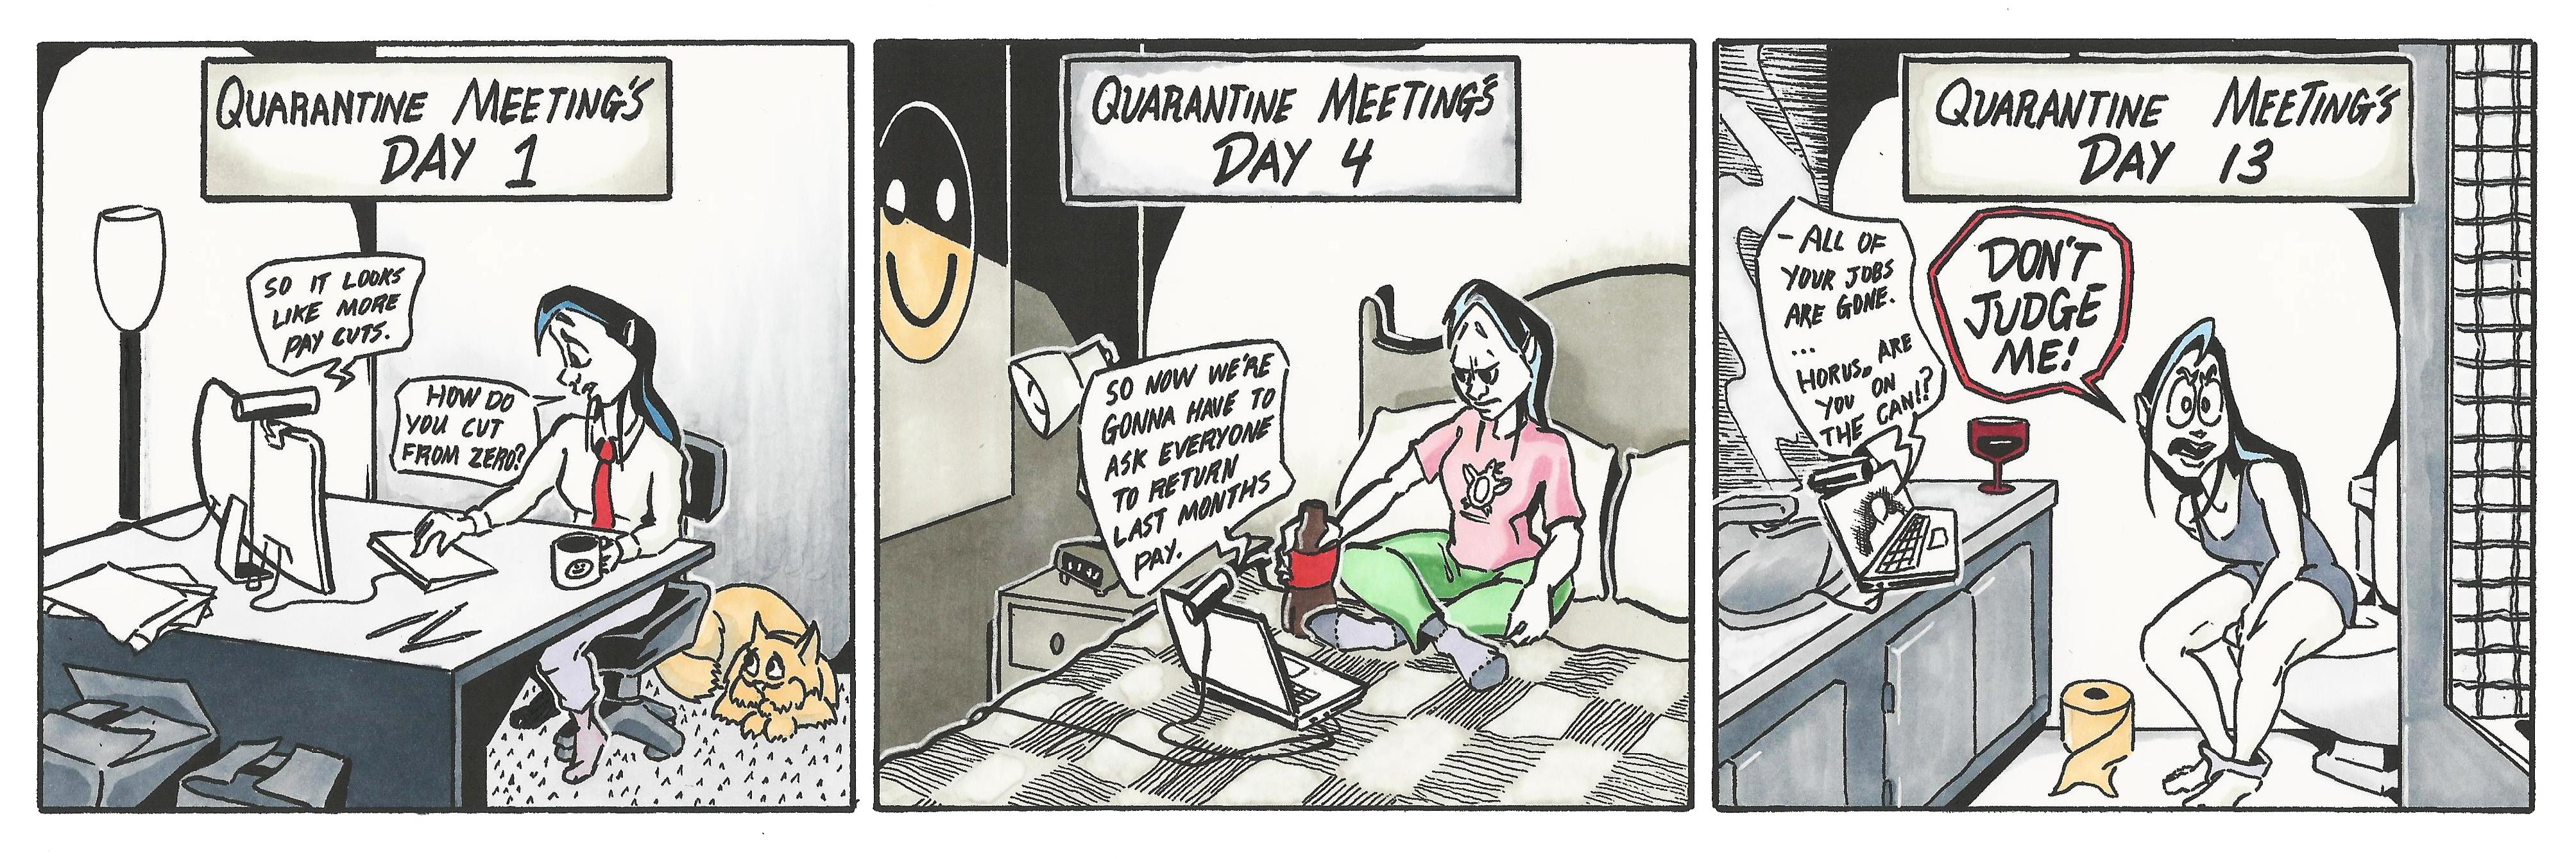 Quarantine 4